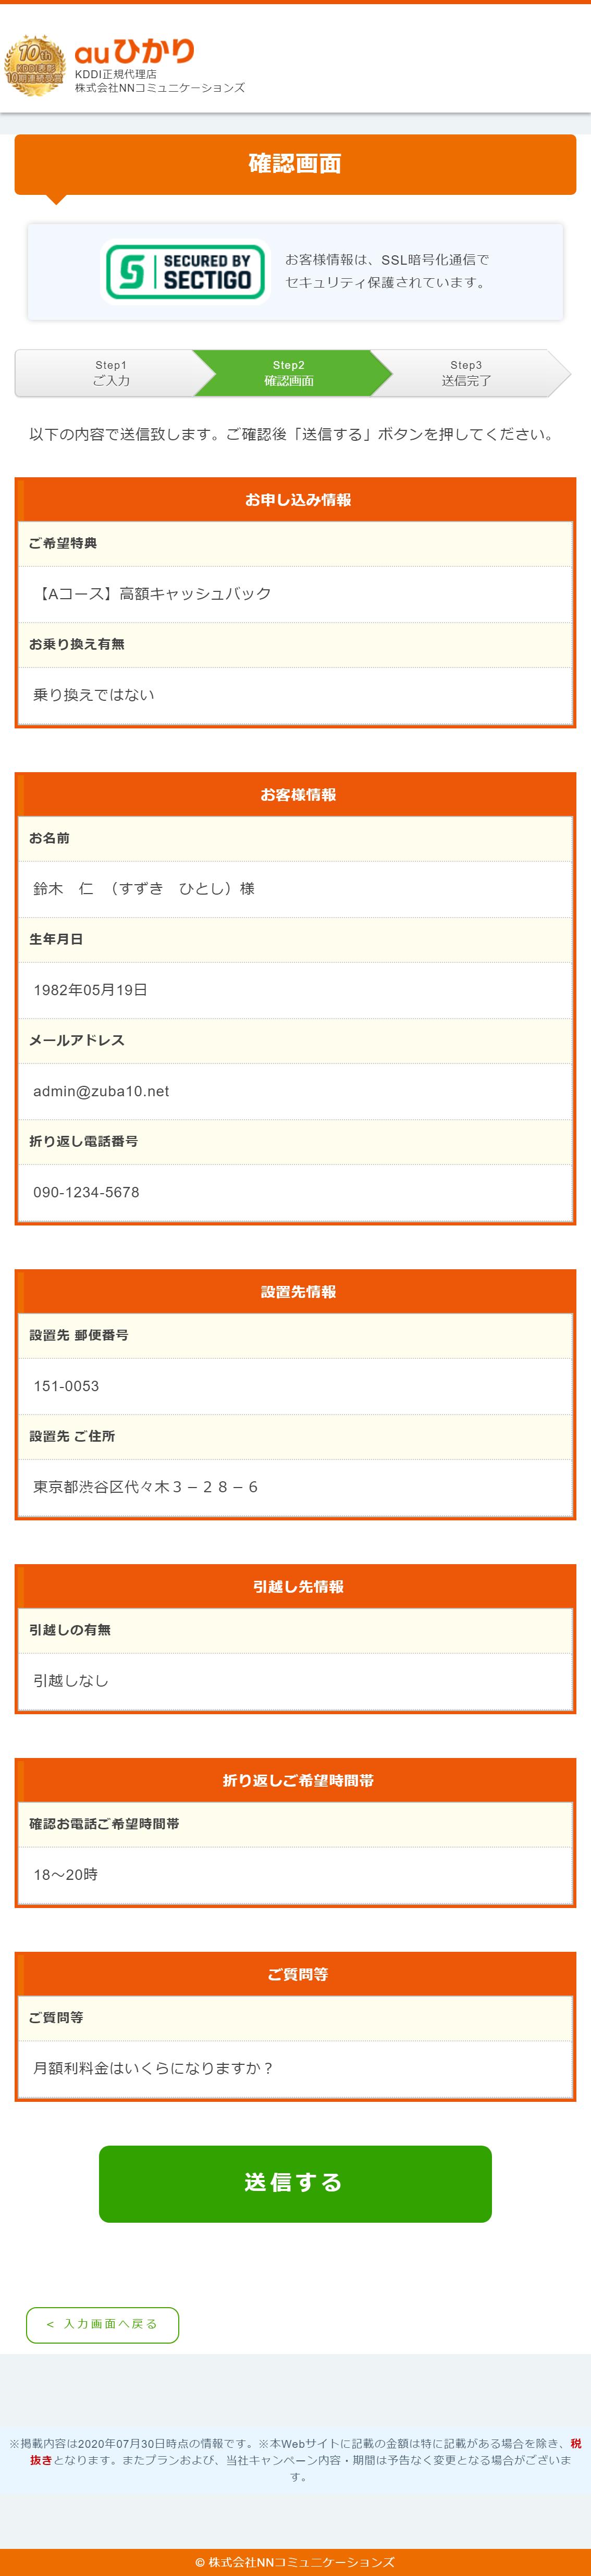 Nコミュニケーションズ-auひかり申し込み方法3